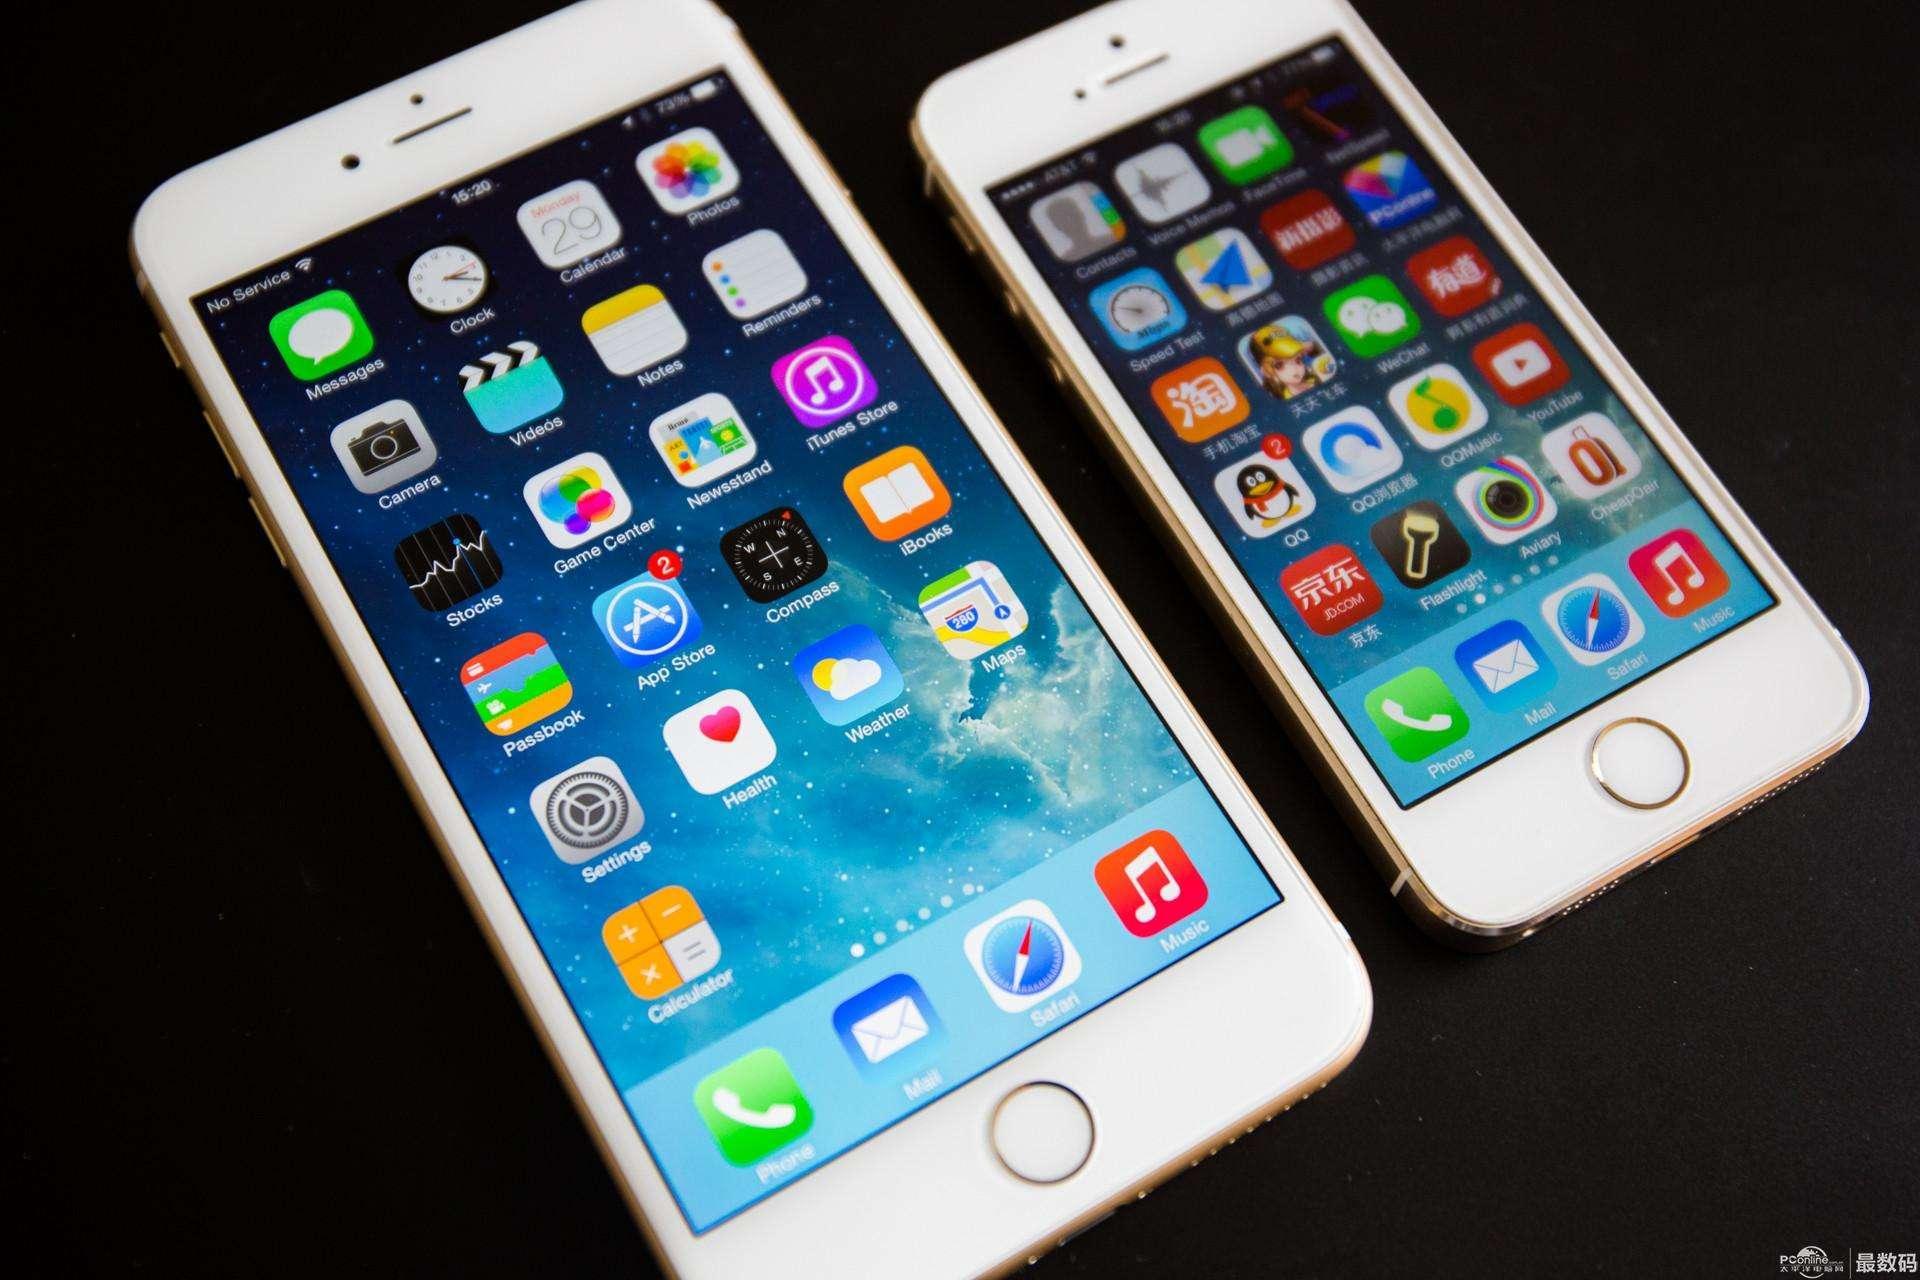 6plus品牌手机模型,道具手机,展示手机,模具模型机 1